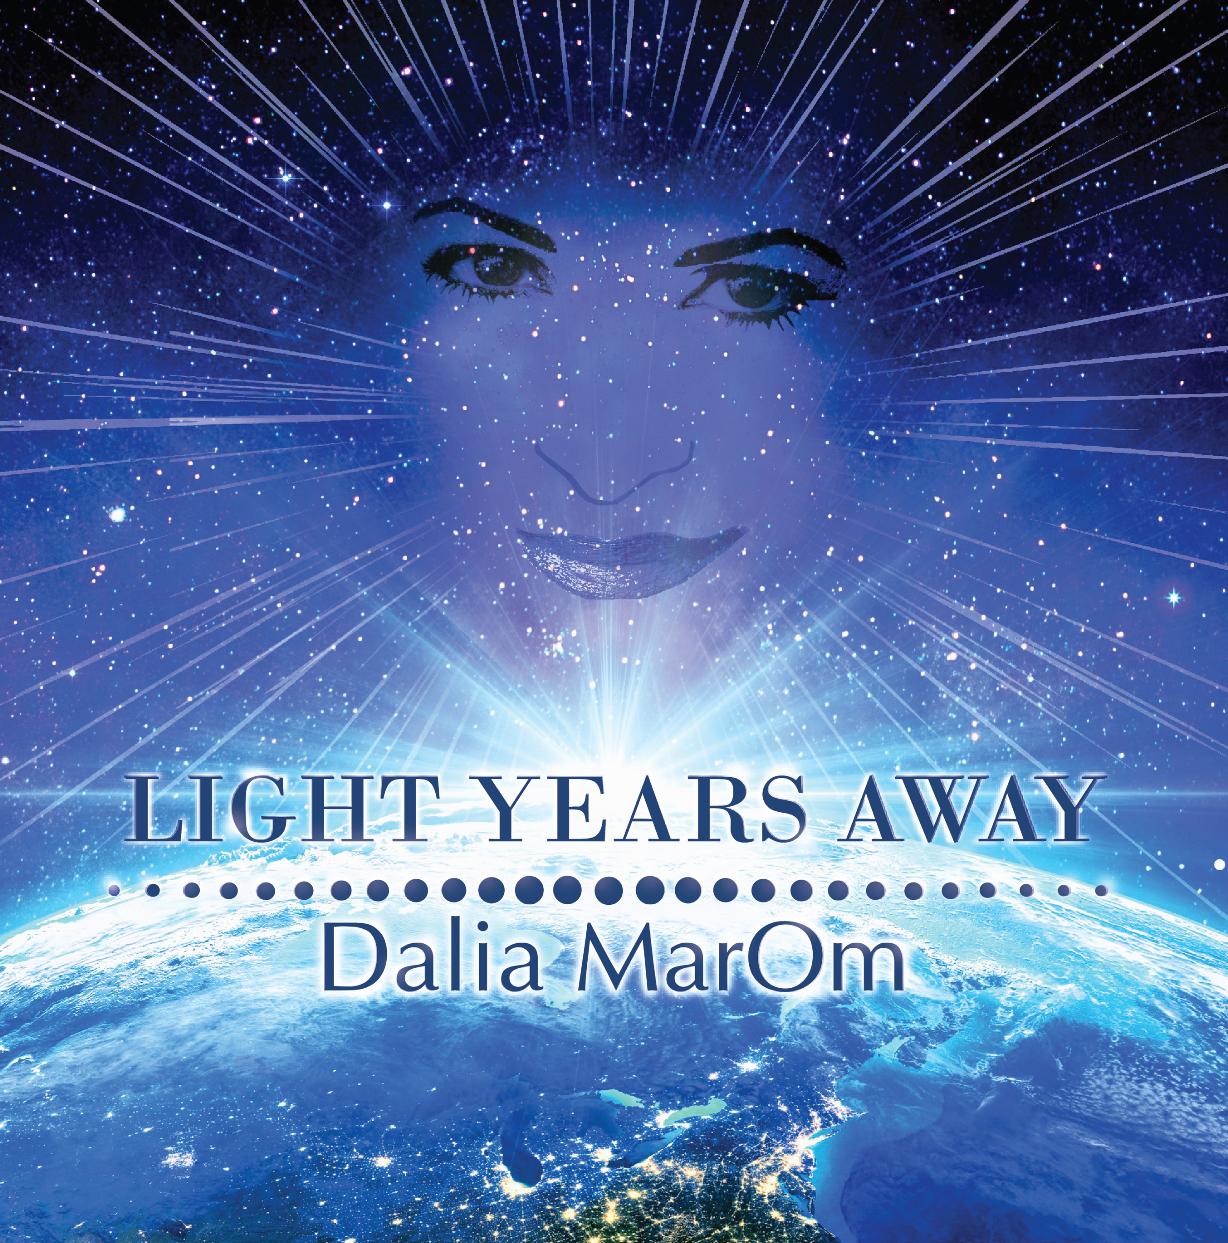 Dalia Marom – Light Years Away